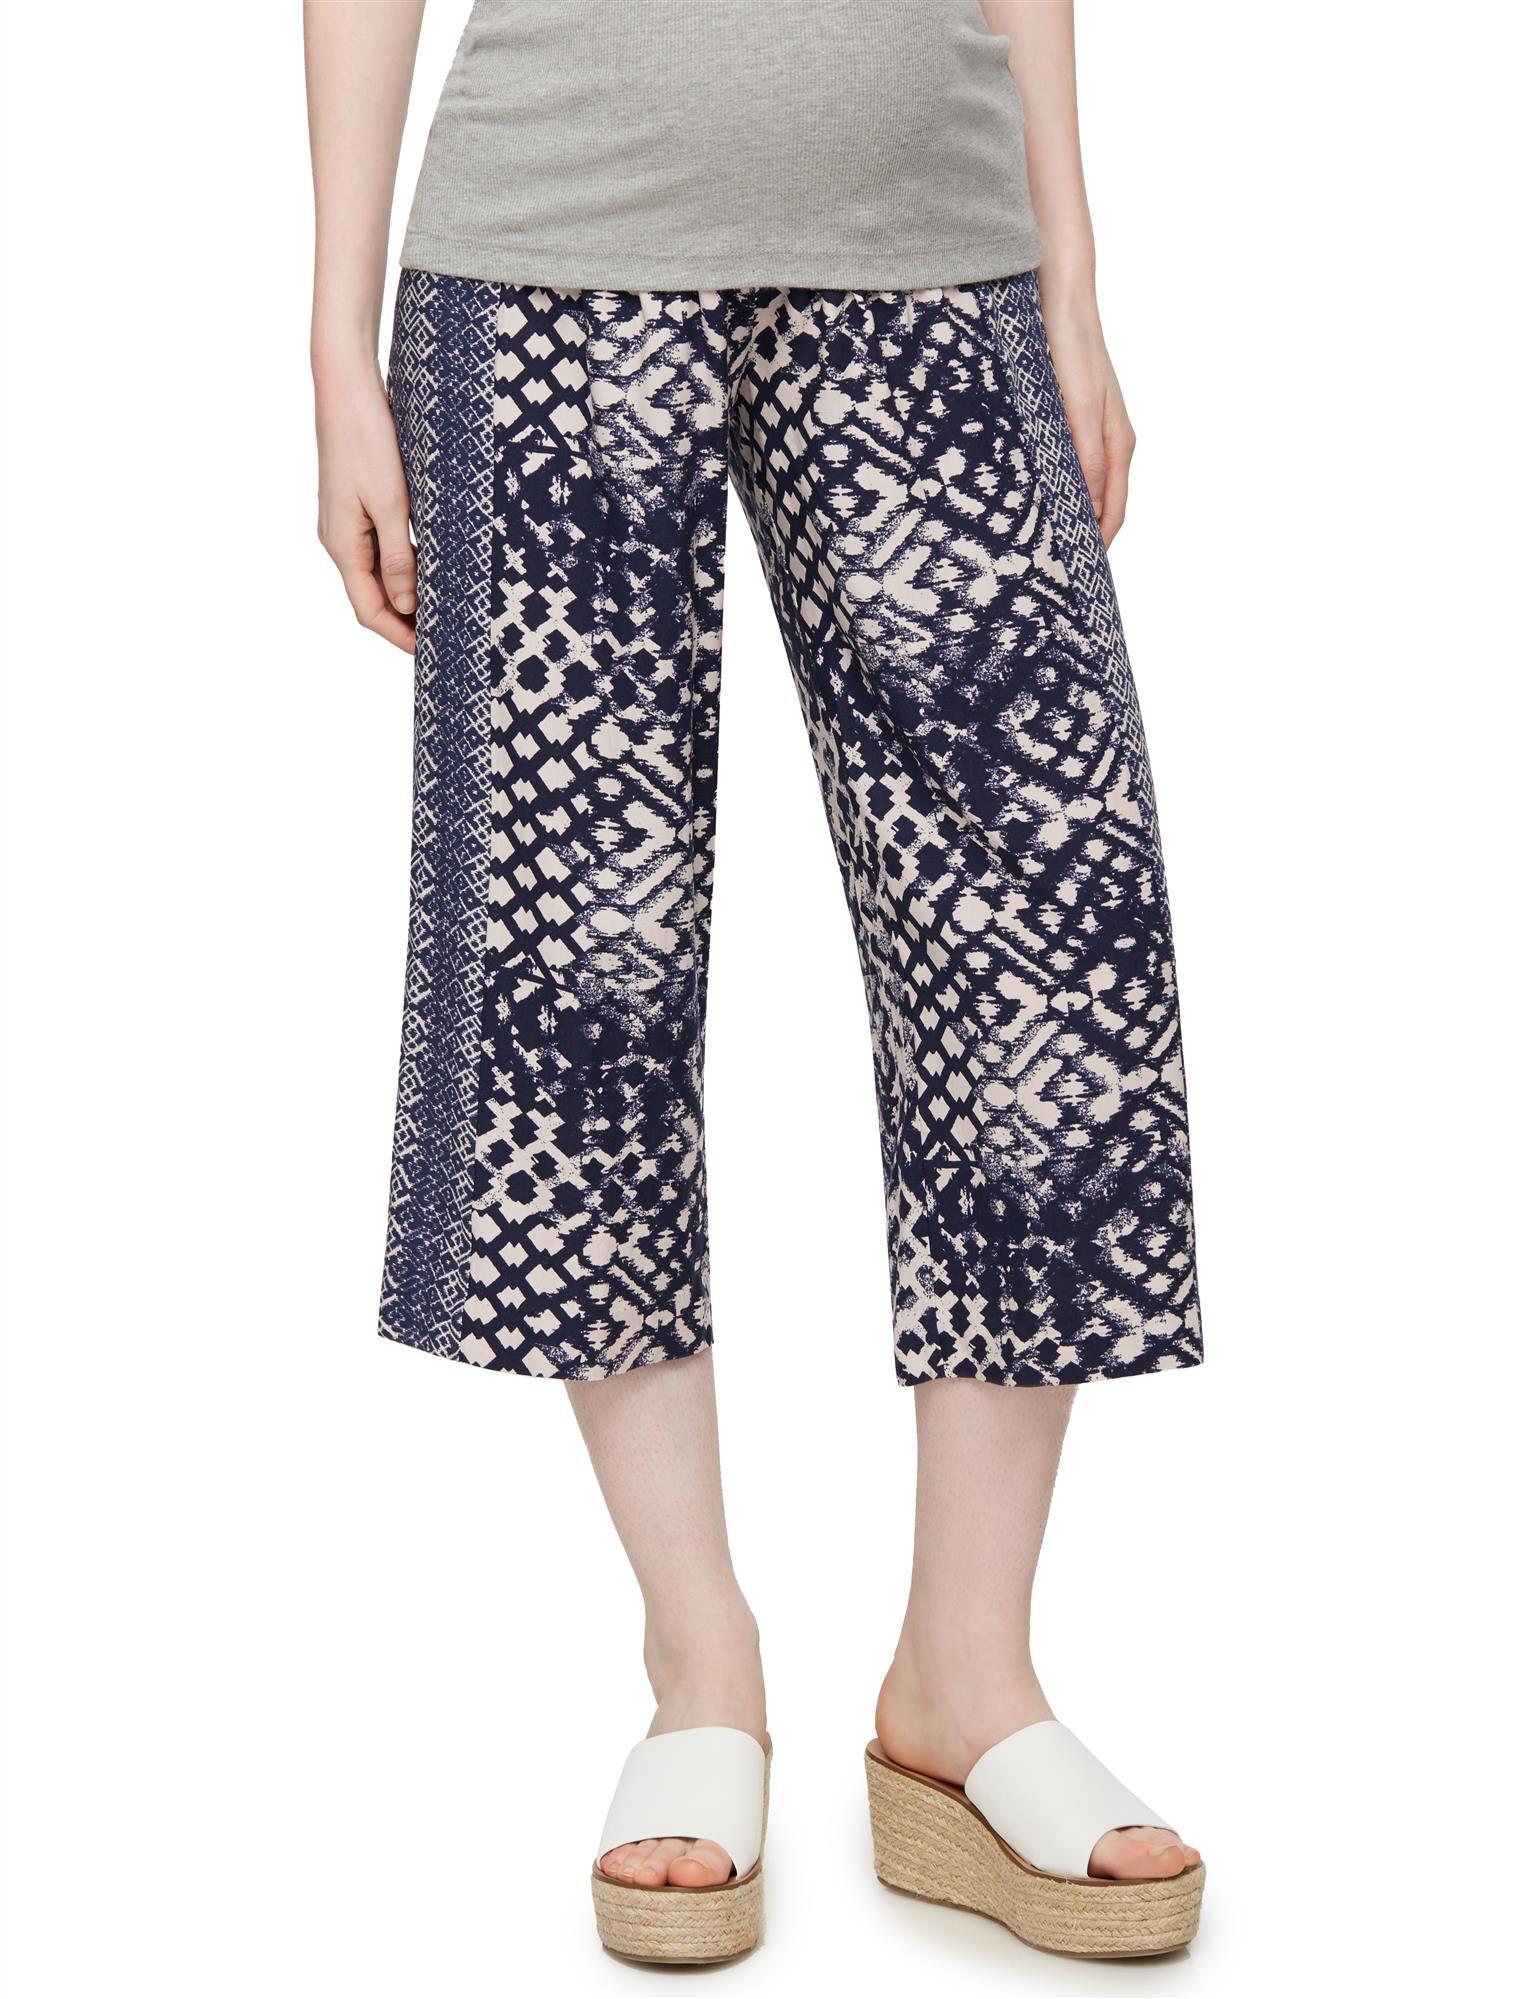 Secret Fit Belly Cotton Woven Wide Leg Maternity Pants